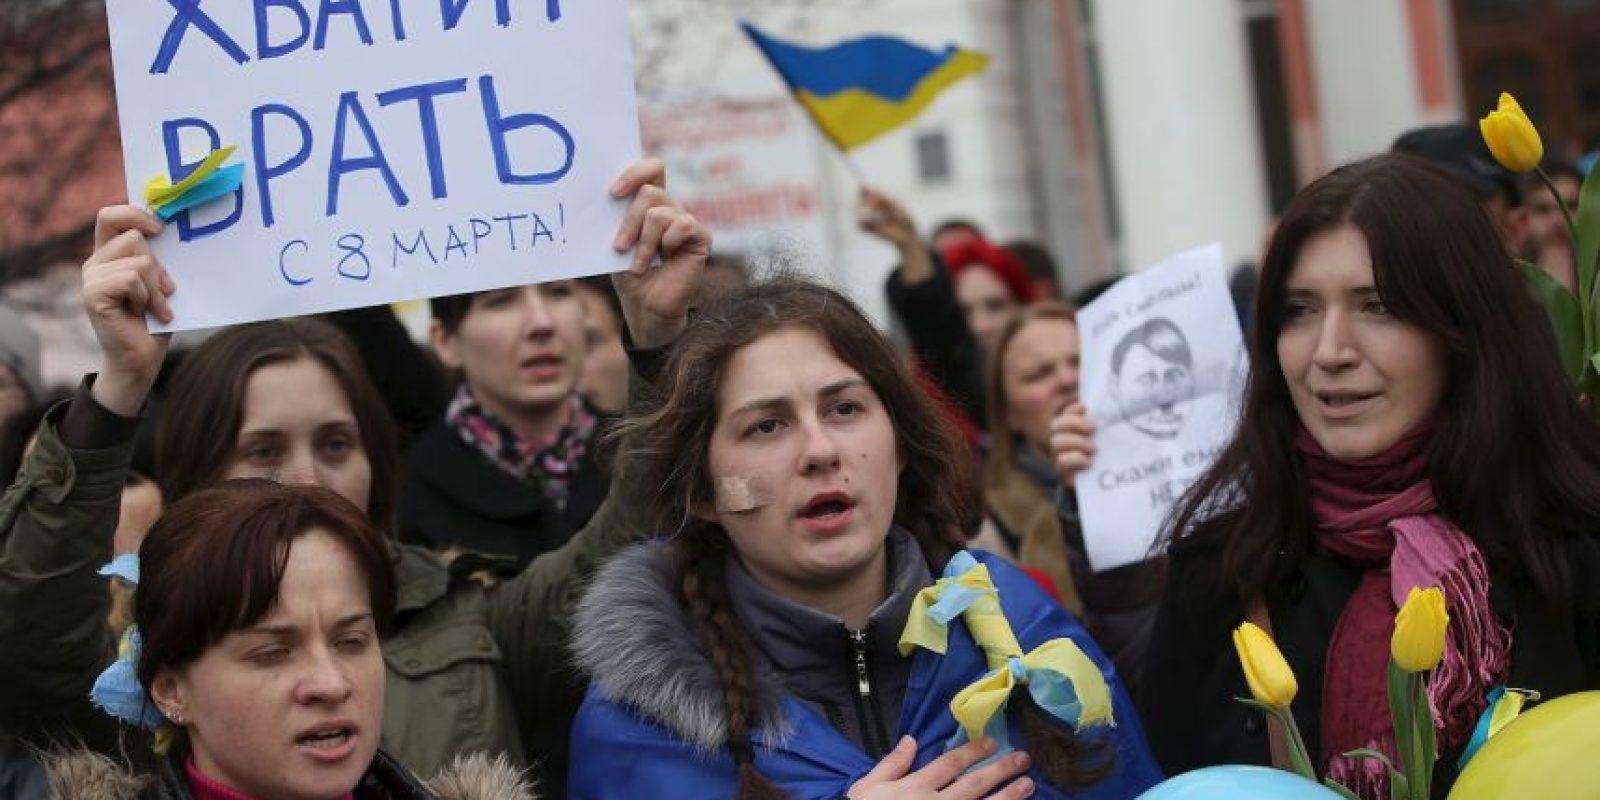 Muchos protestas se han realizado alrededor del mundo para pider la paz. Foto:Getty Images